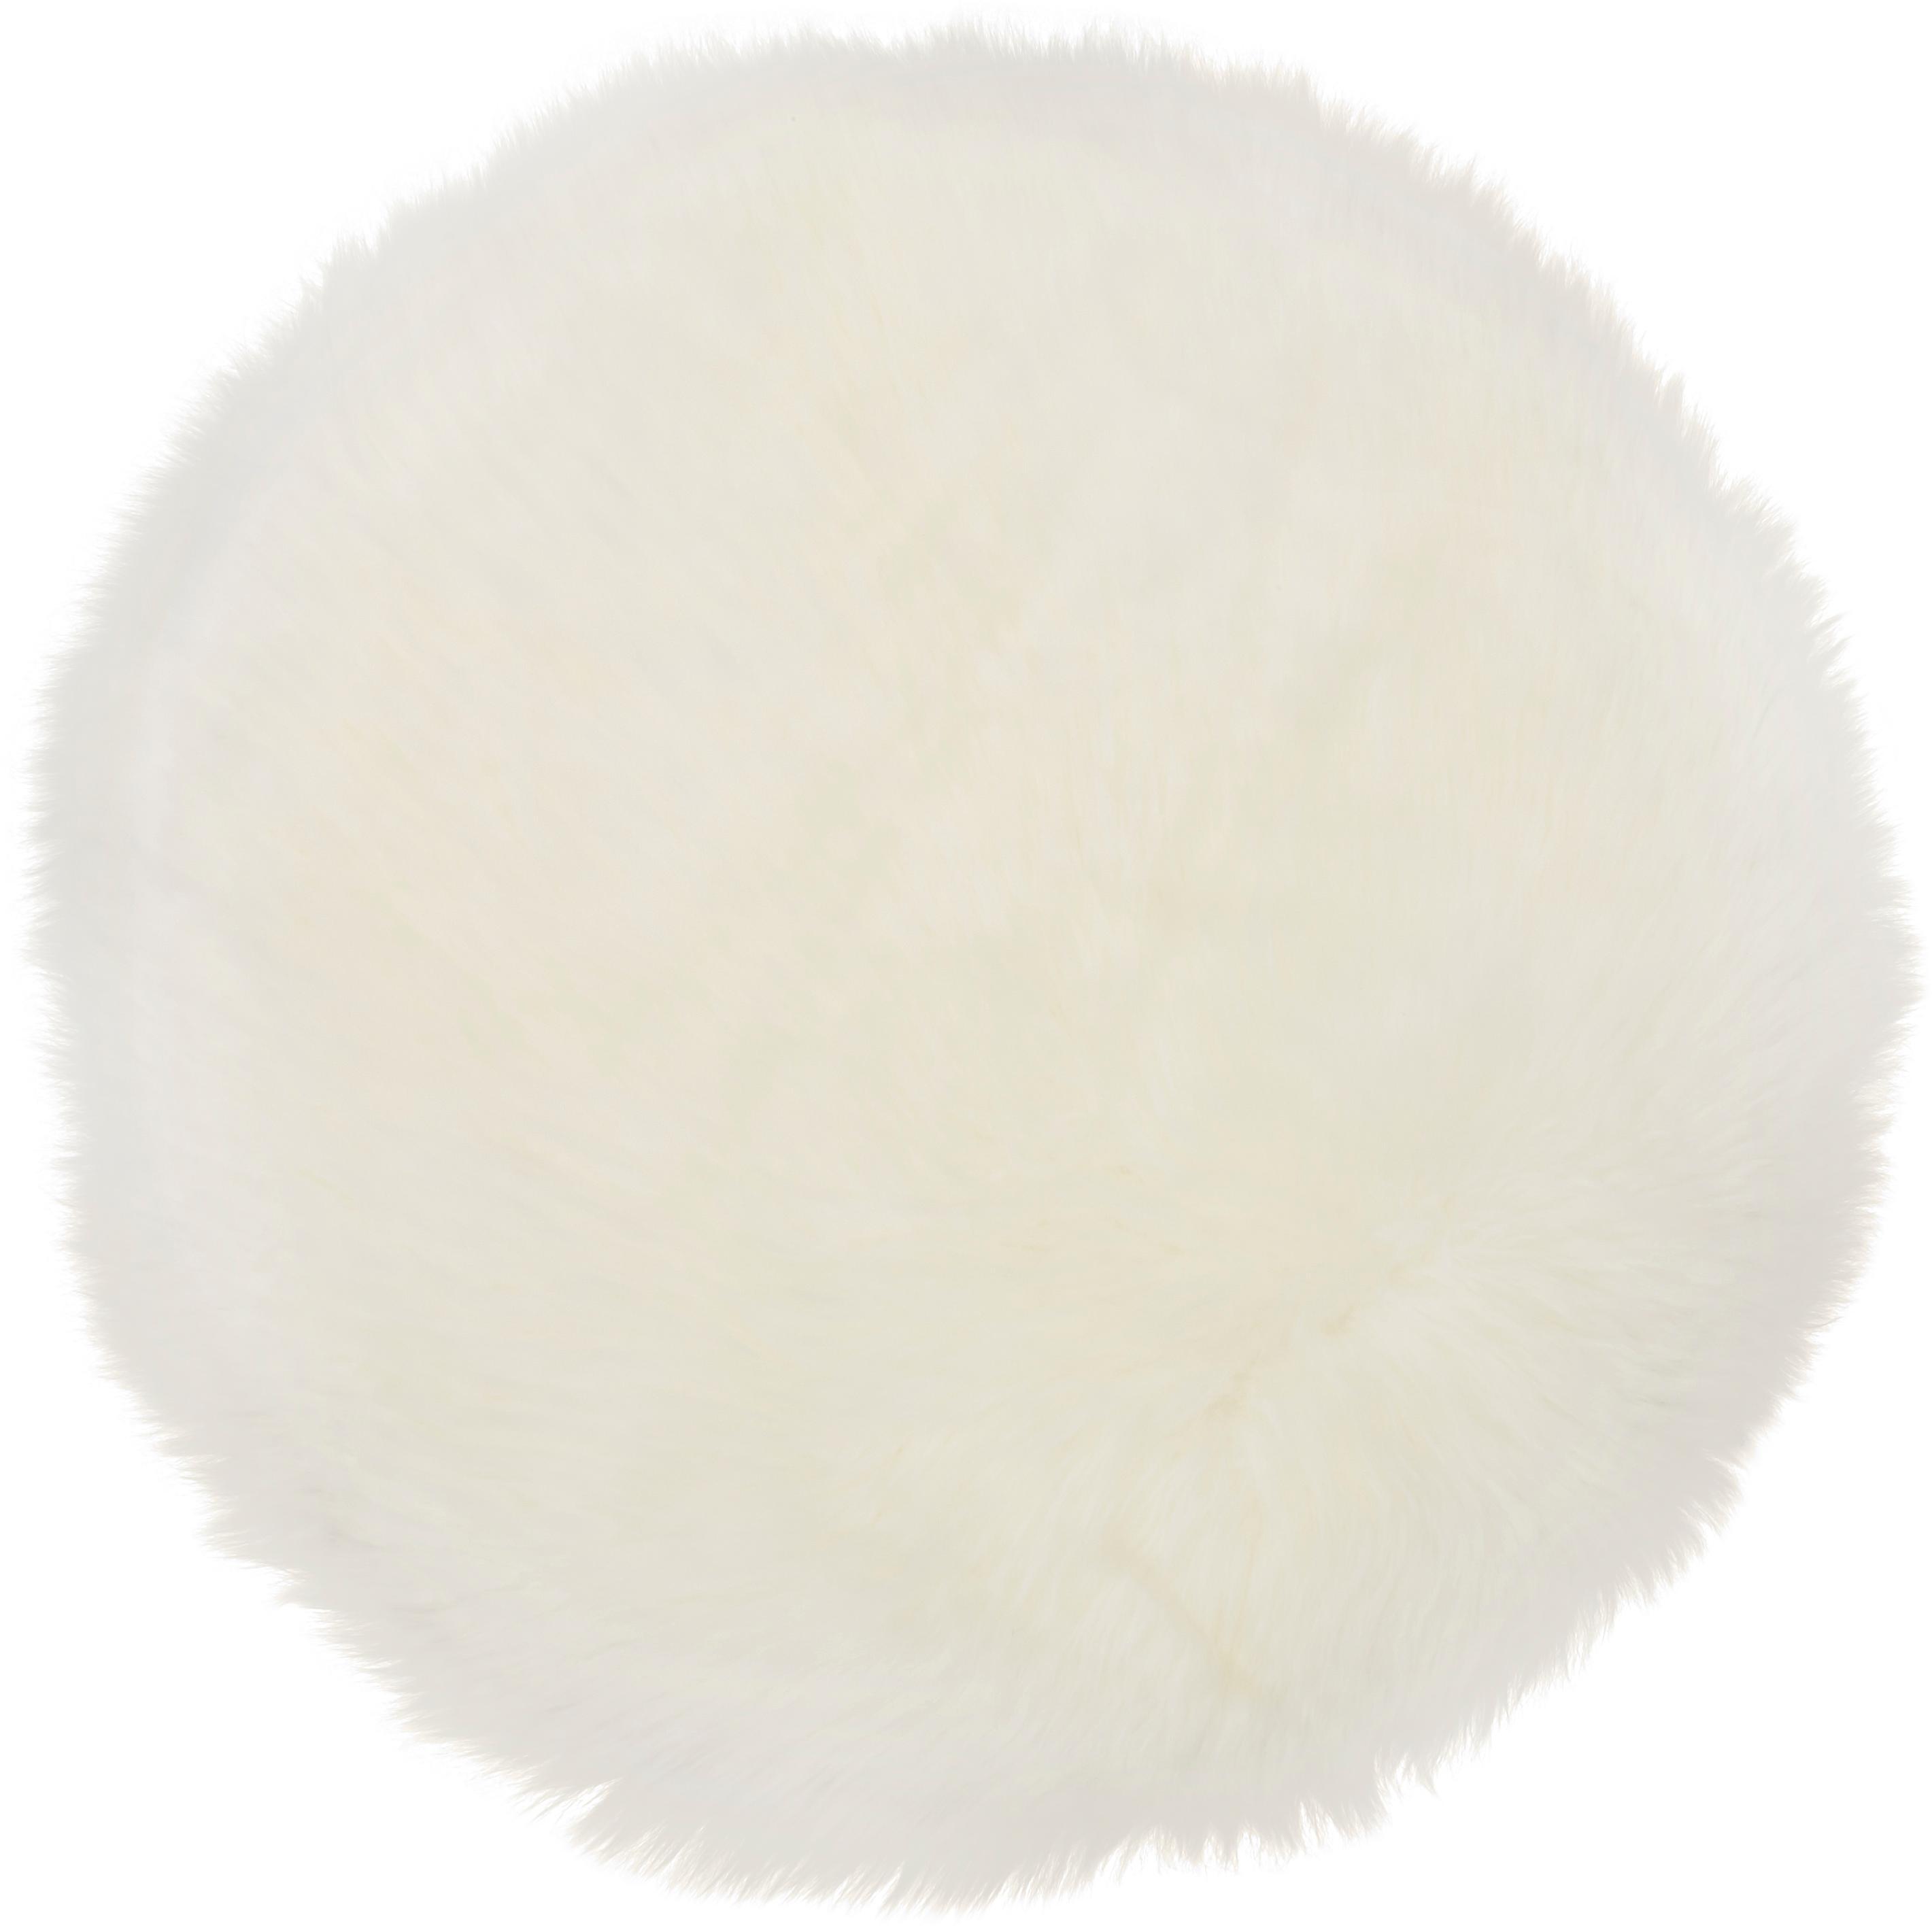 Zitkussen van schapenvacht Oslo, glad, Bovenzijde: 100% schapenvacht, Onderzijde: 100% leer, chroomvrij gel, Crèmewit, Ø 37 cm